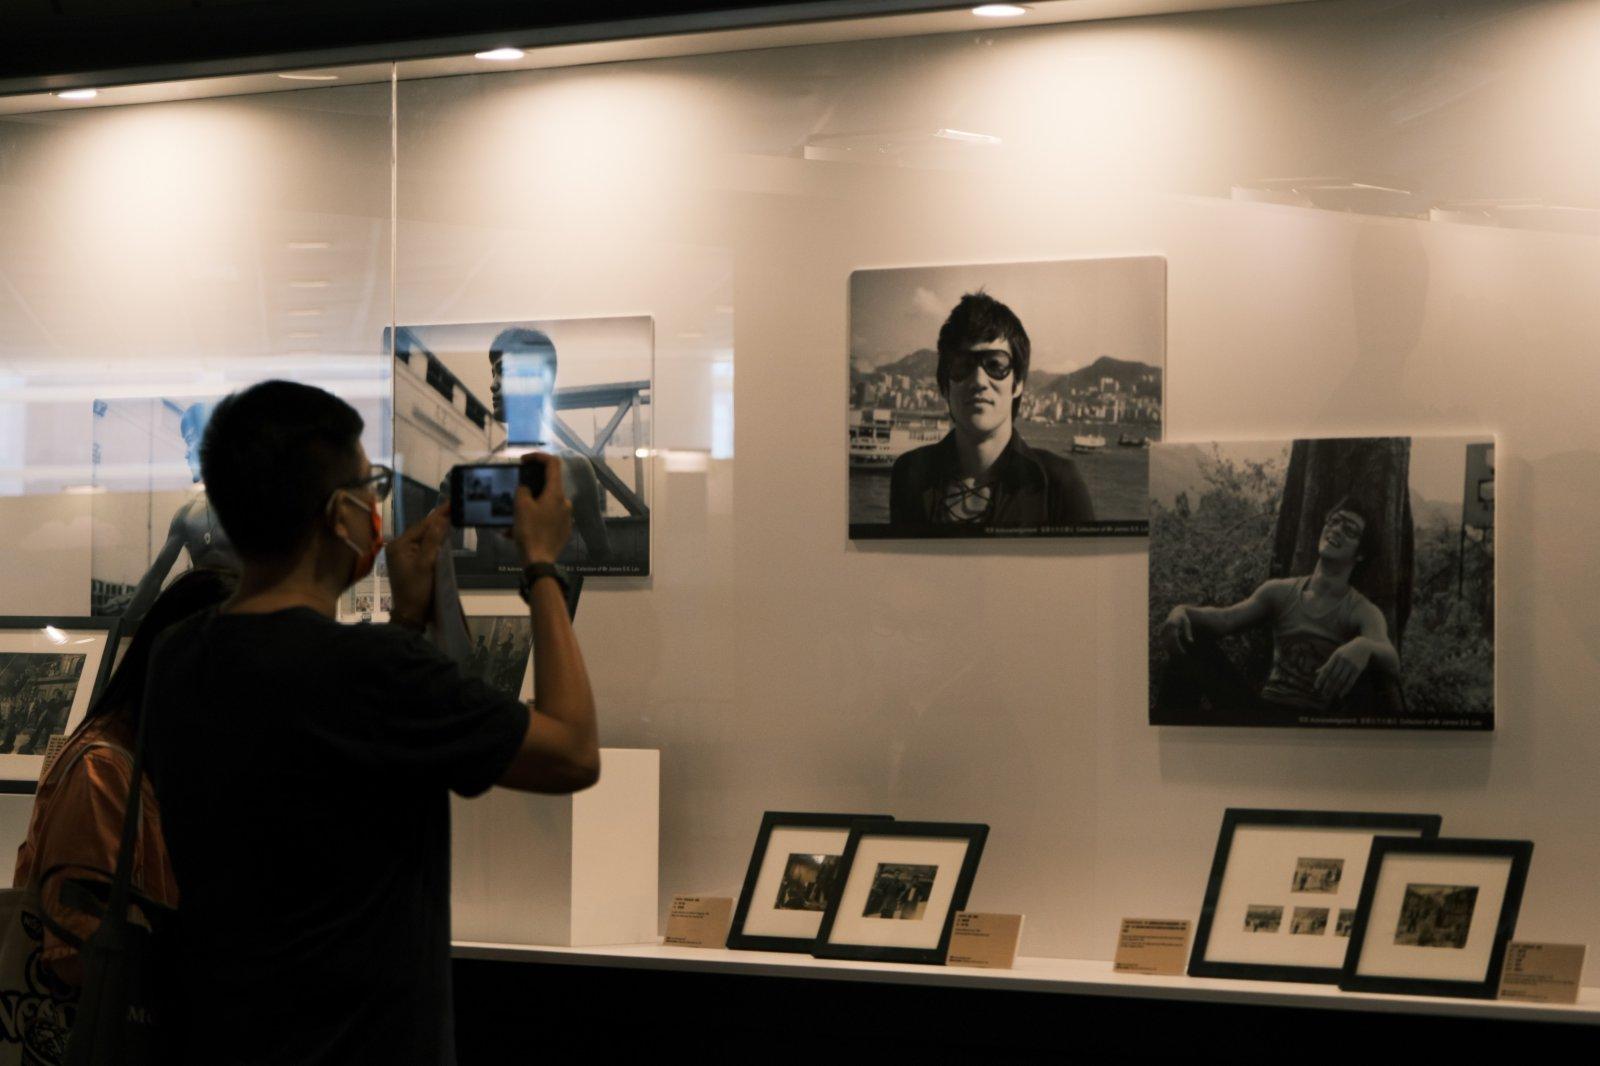 為紀念武打巨星李小龍,書展推出「不朽巨龍:李小龍傳奇80載」展區,展出珍貴的李小龍照片、剪報、相關藝術作品及收藏品等。(中新社)